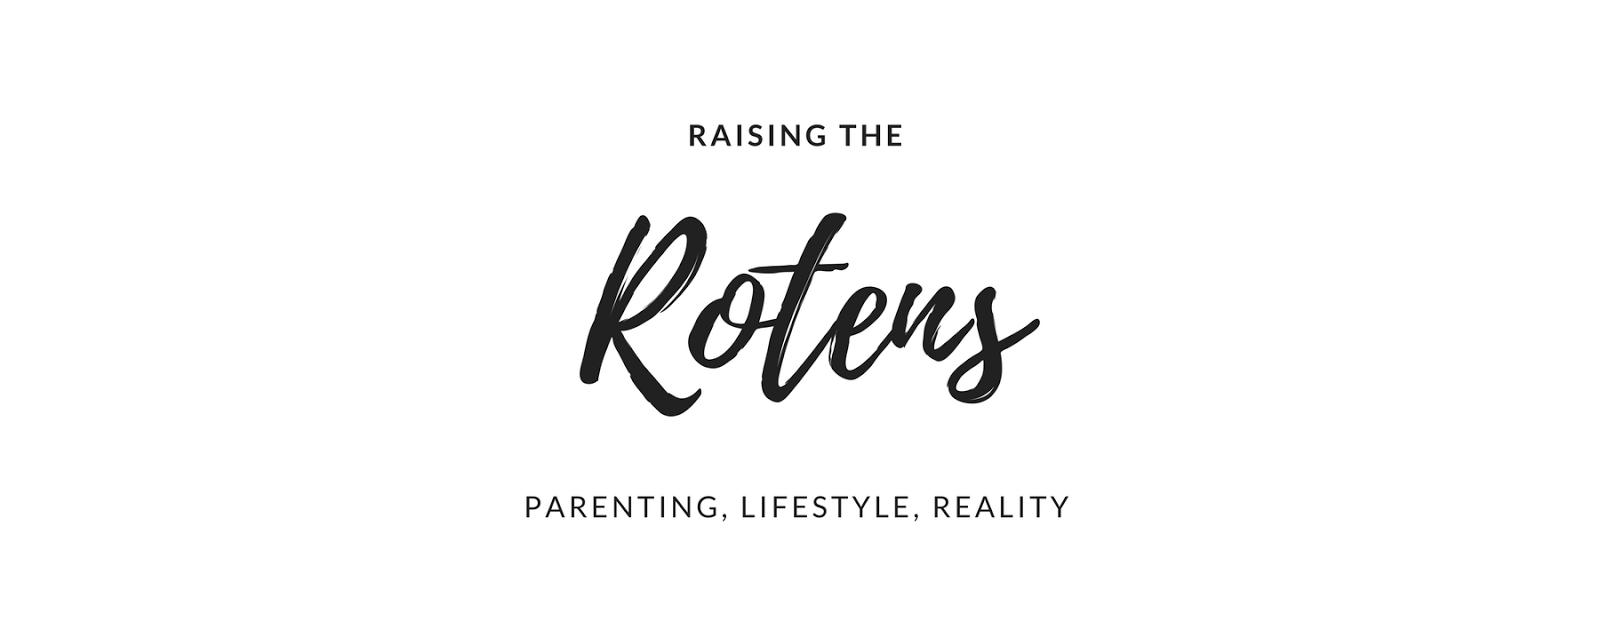 Raising the Rotens